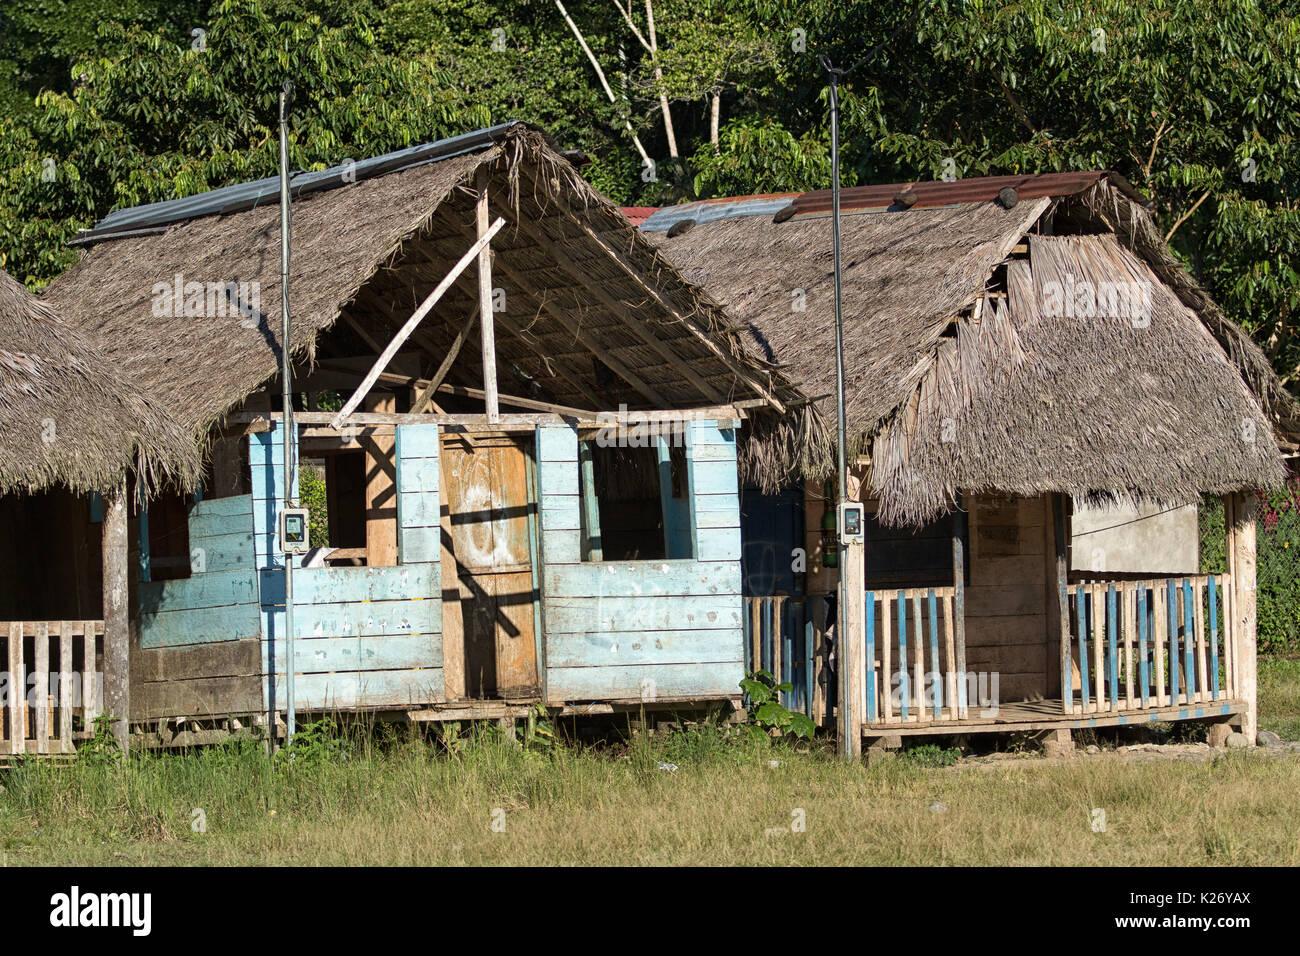 Giugno 6, 2017 Misahualli, Ecuador: piccola dimora in baracche l'area amazzonica Immagini Stock